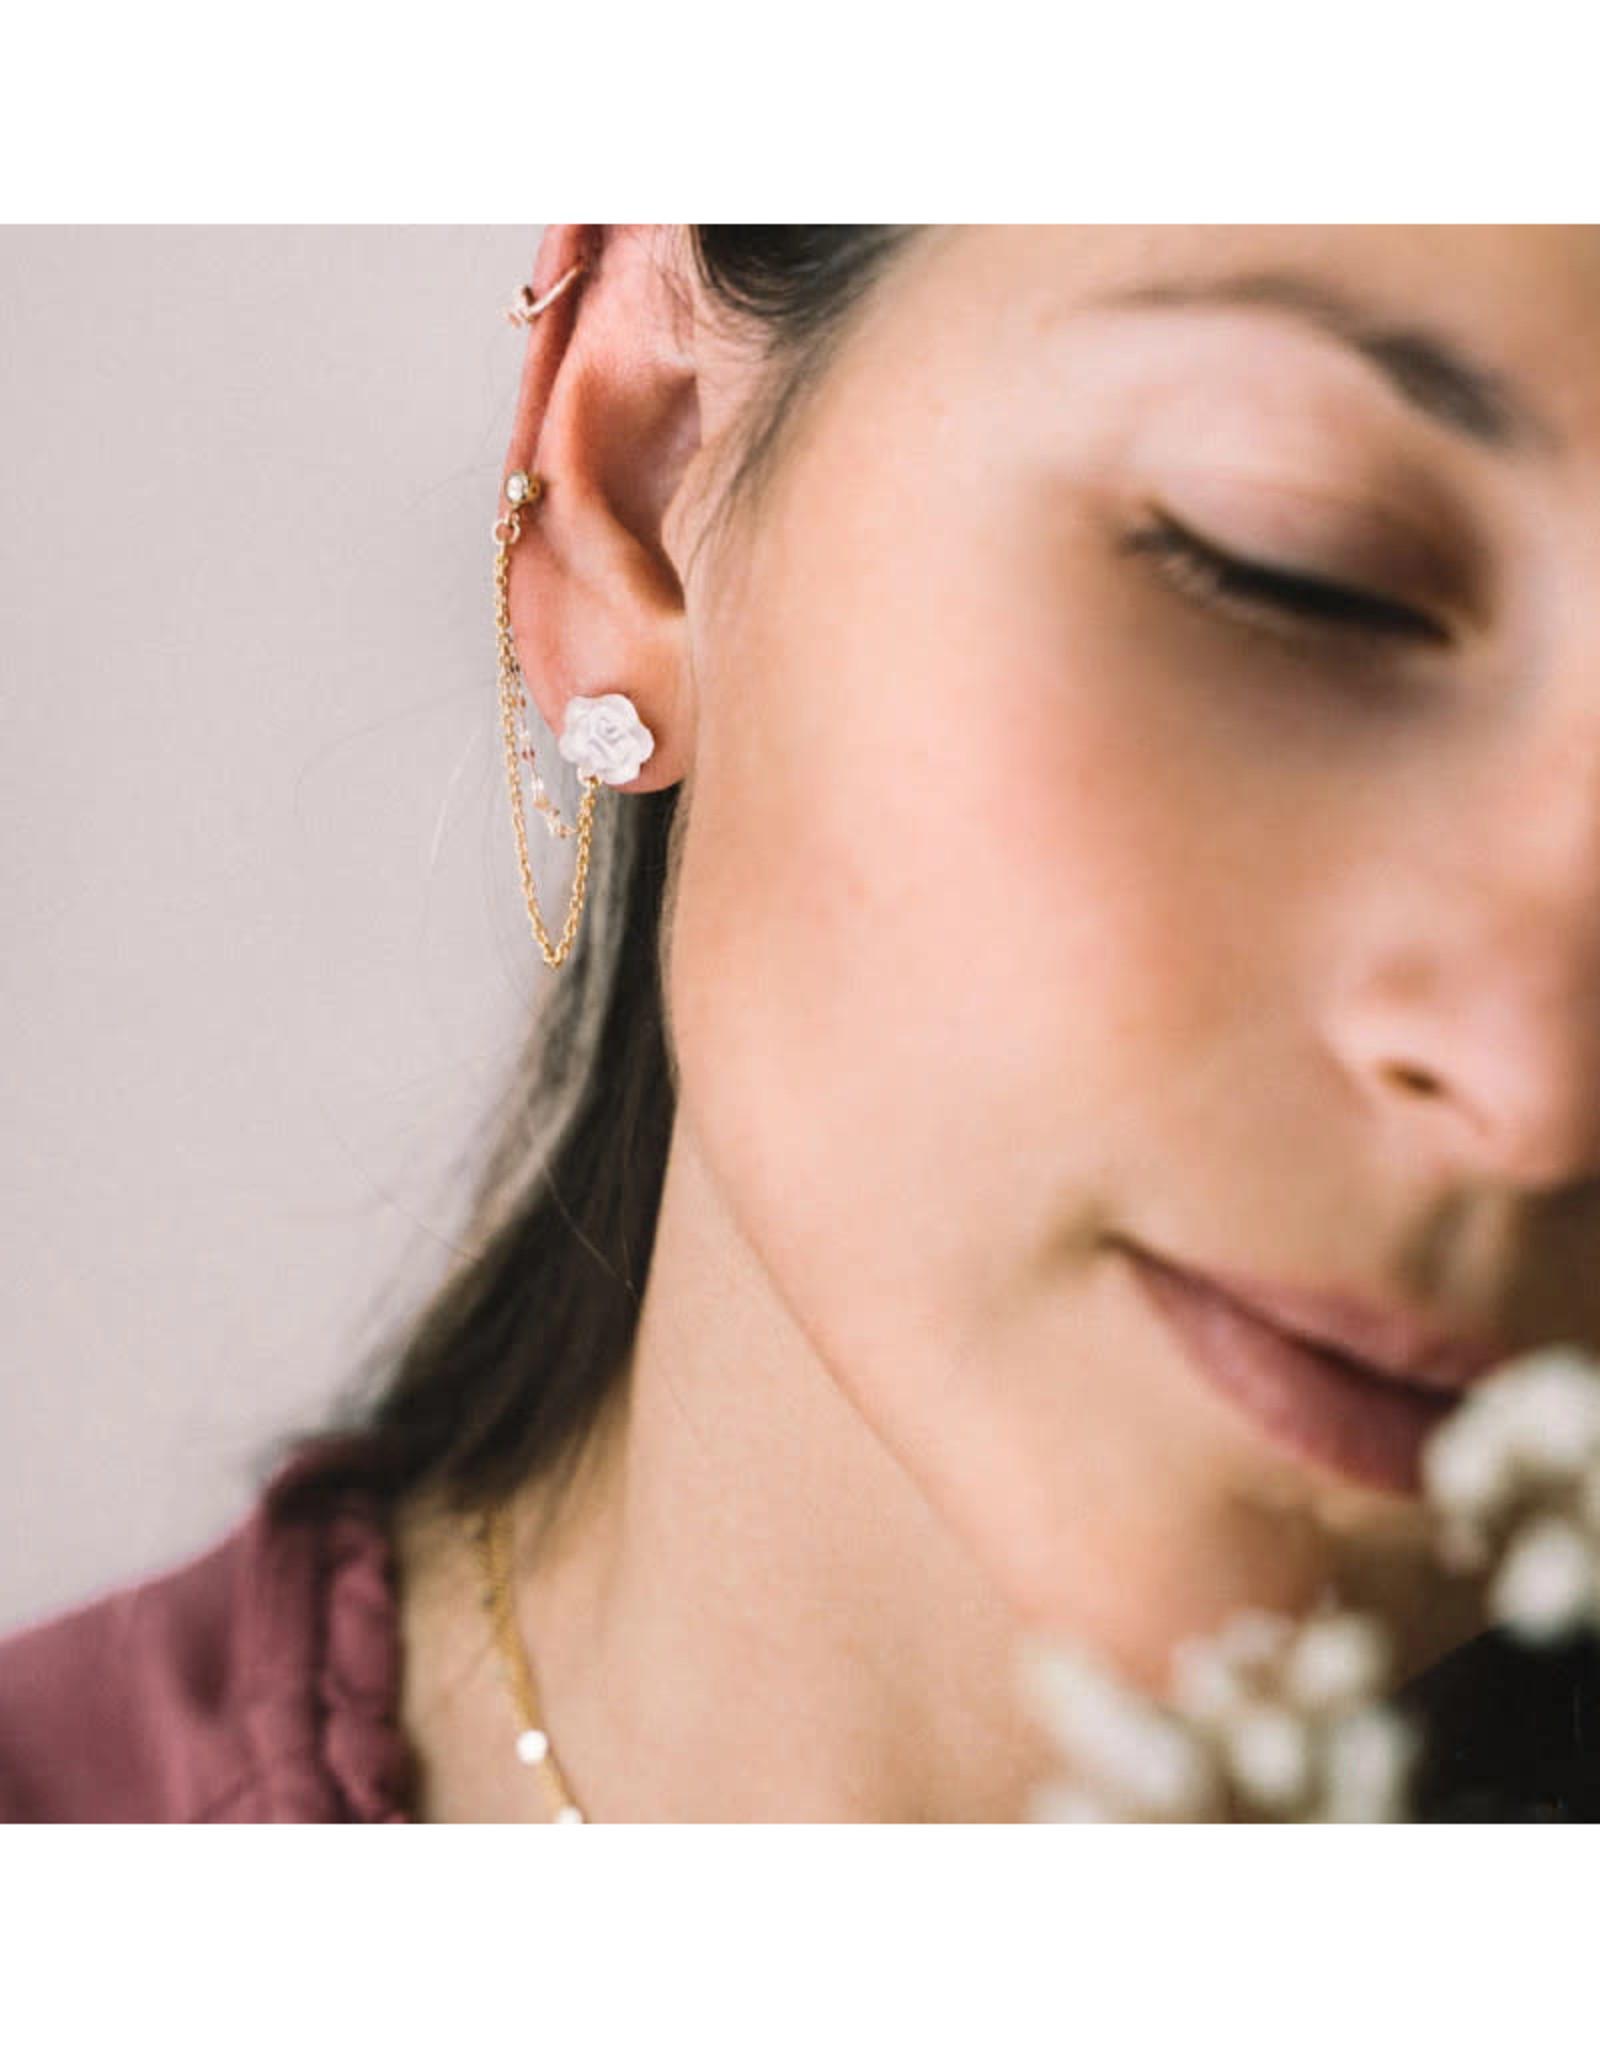 Sandrine Devost Boucles d'oreilles Astrid SD1685 Sandrine Devost